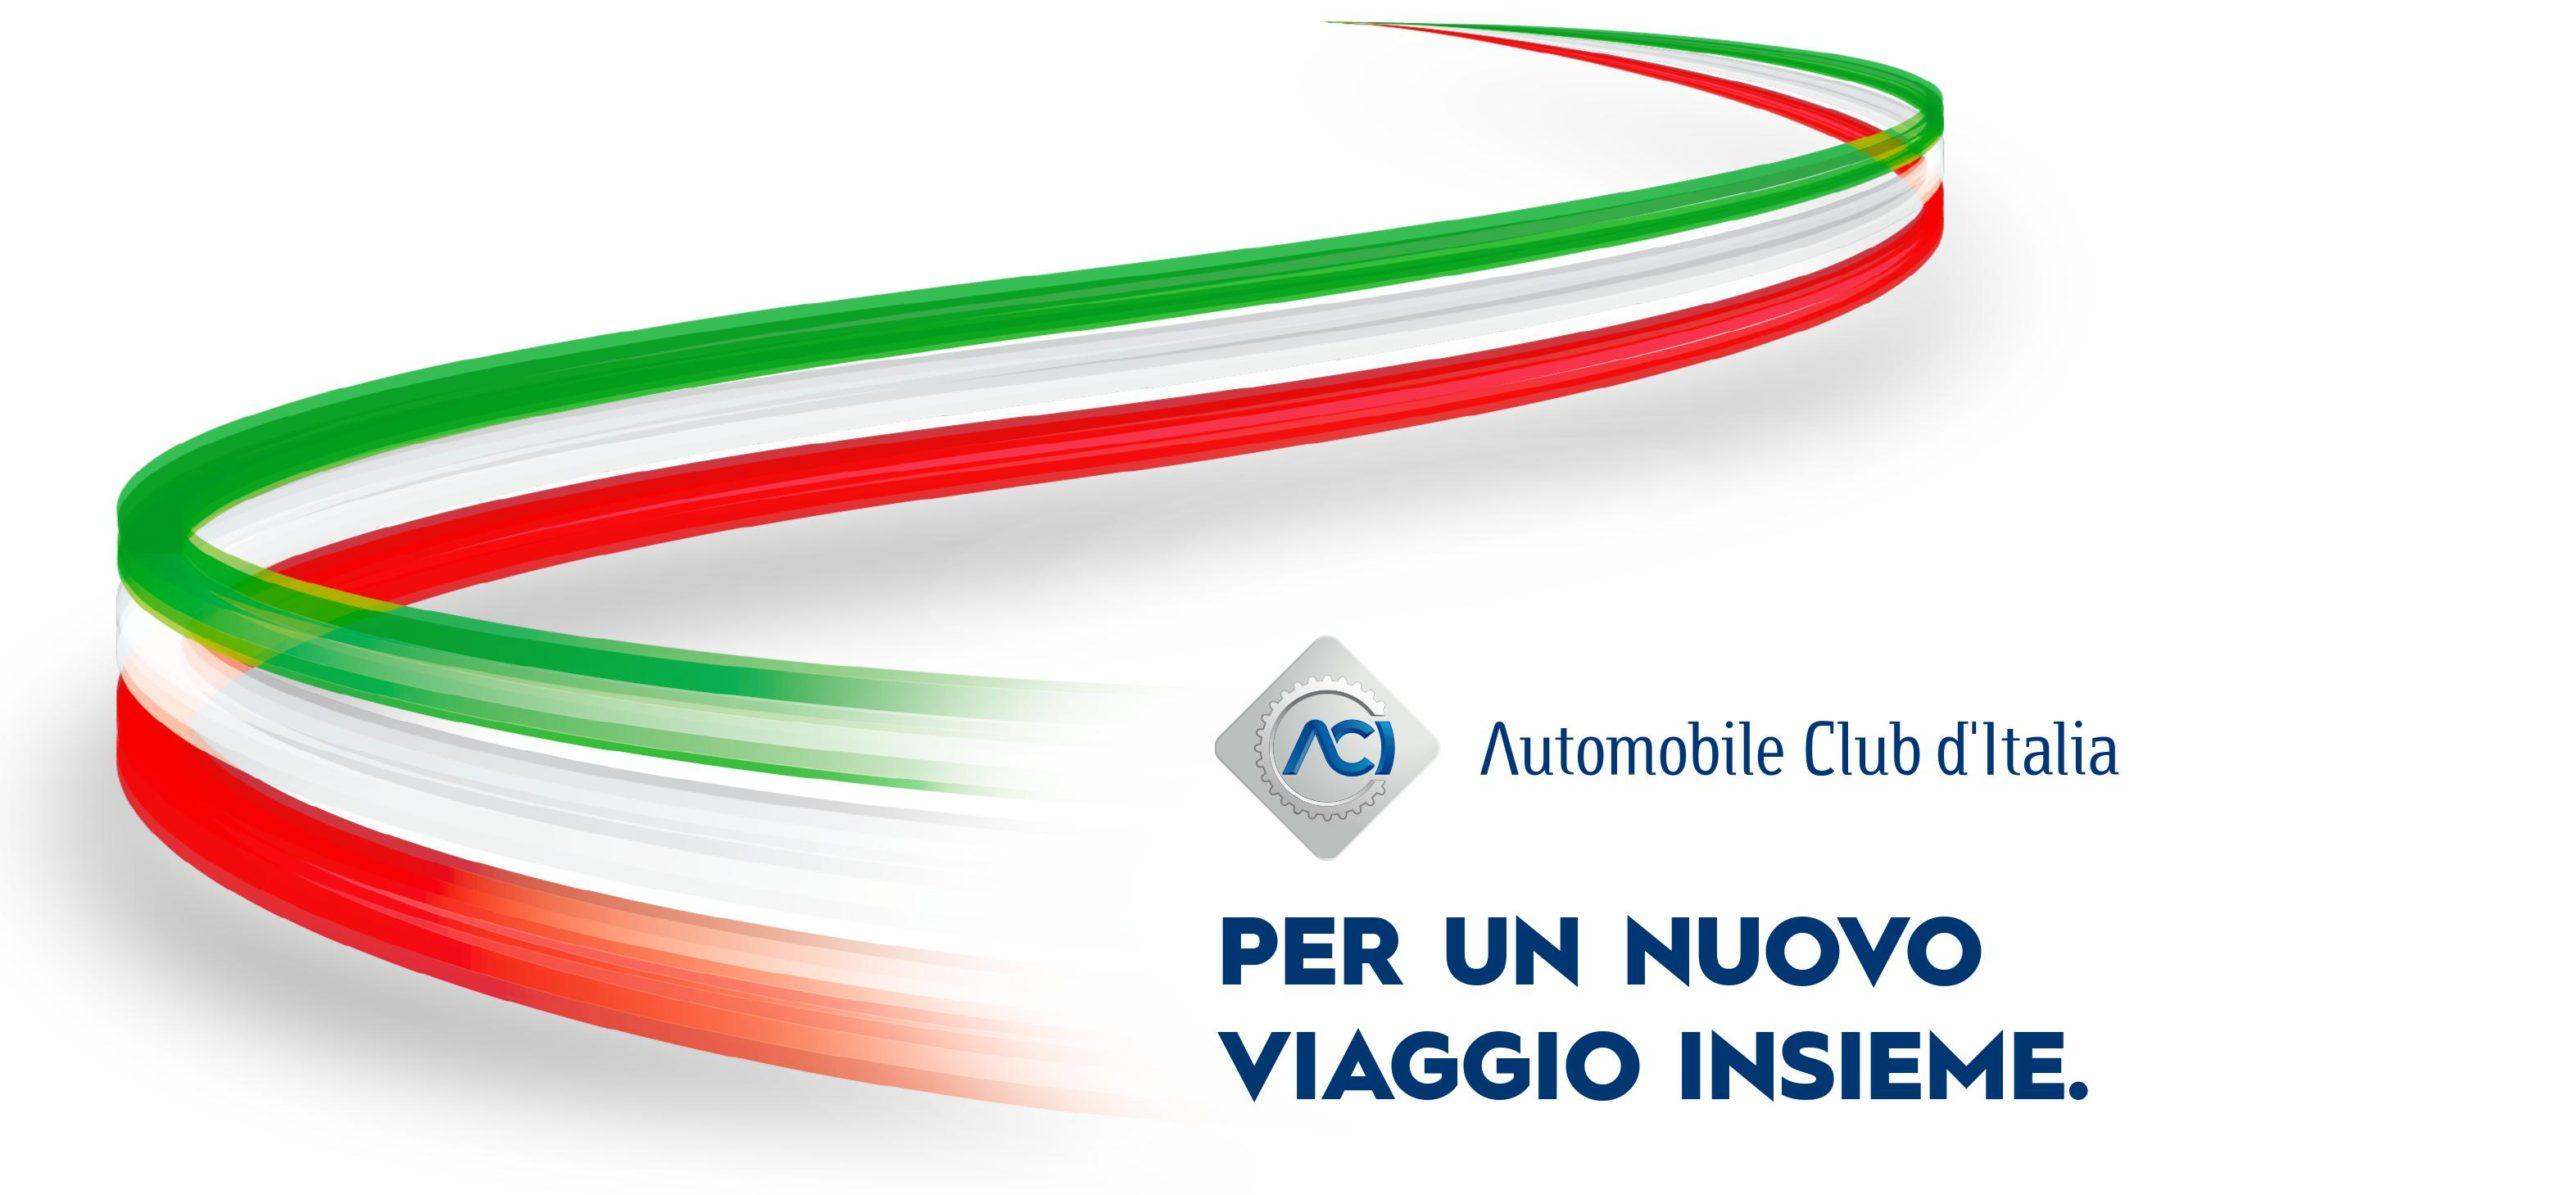 #IO RESTO IN ITALIA_speciale promozione per i soci ACI e ACI STORICO